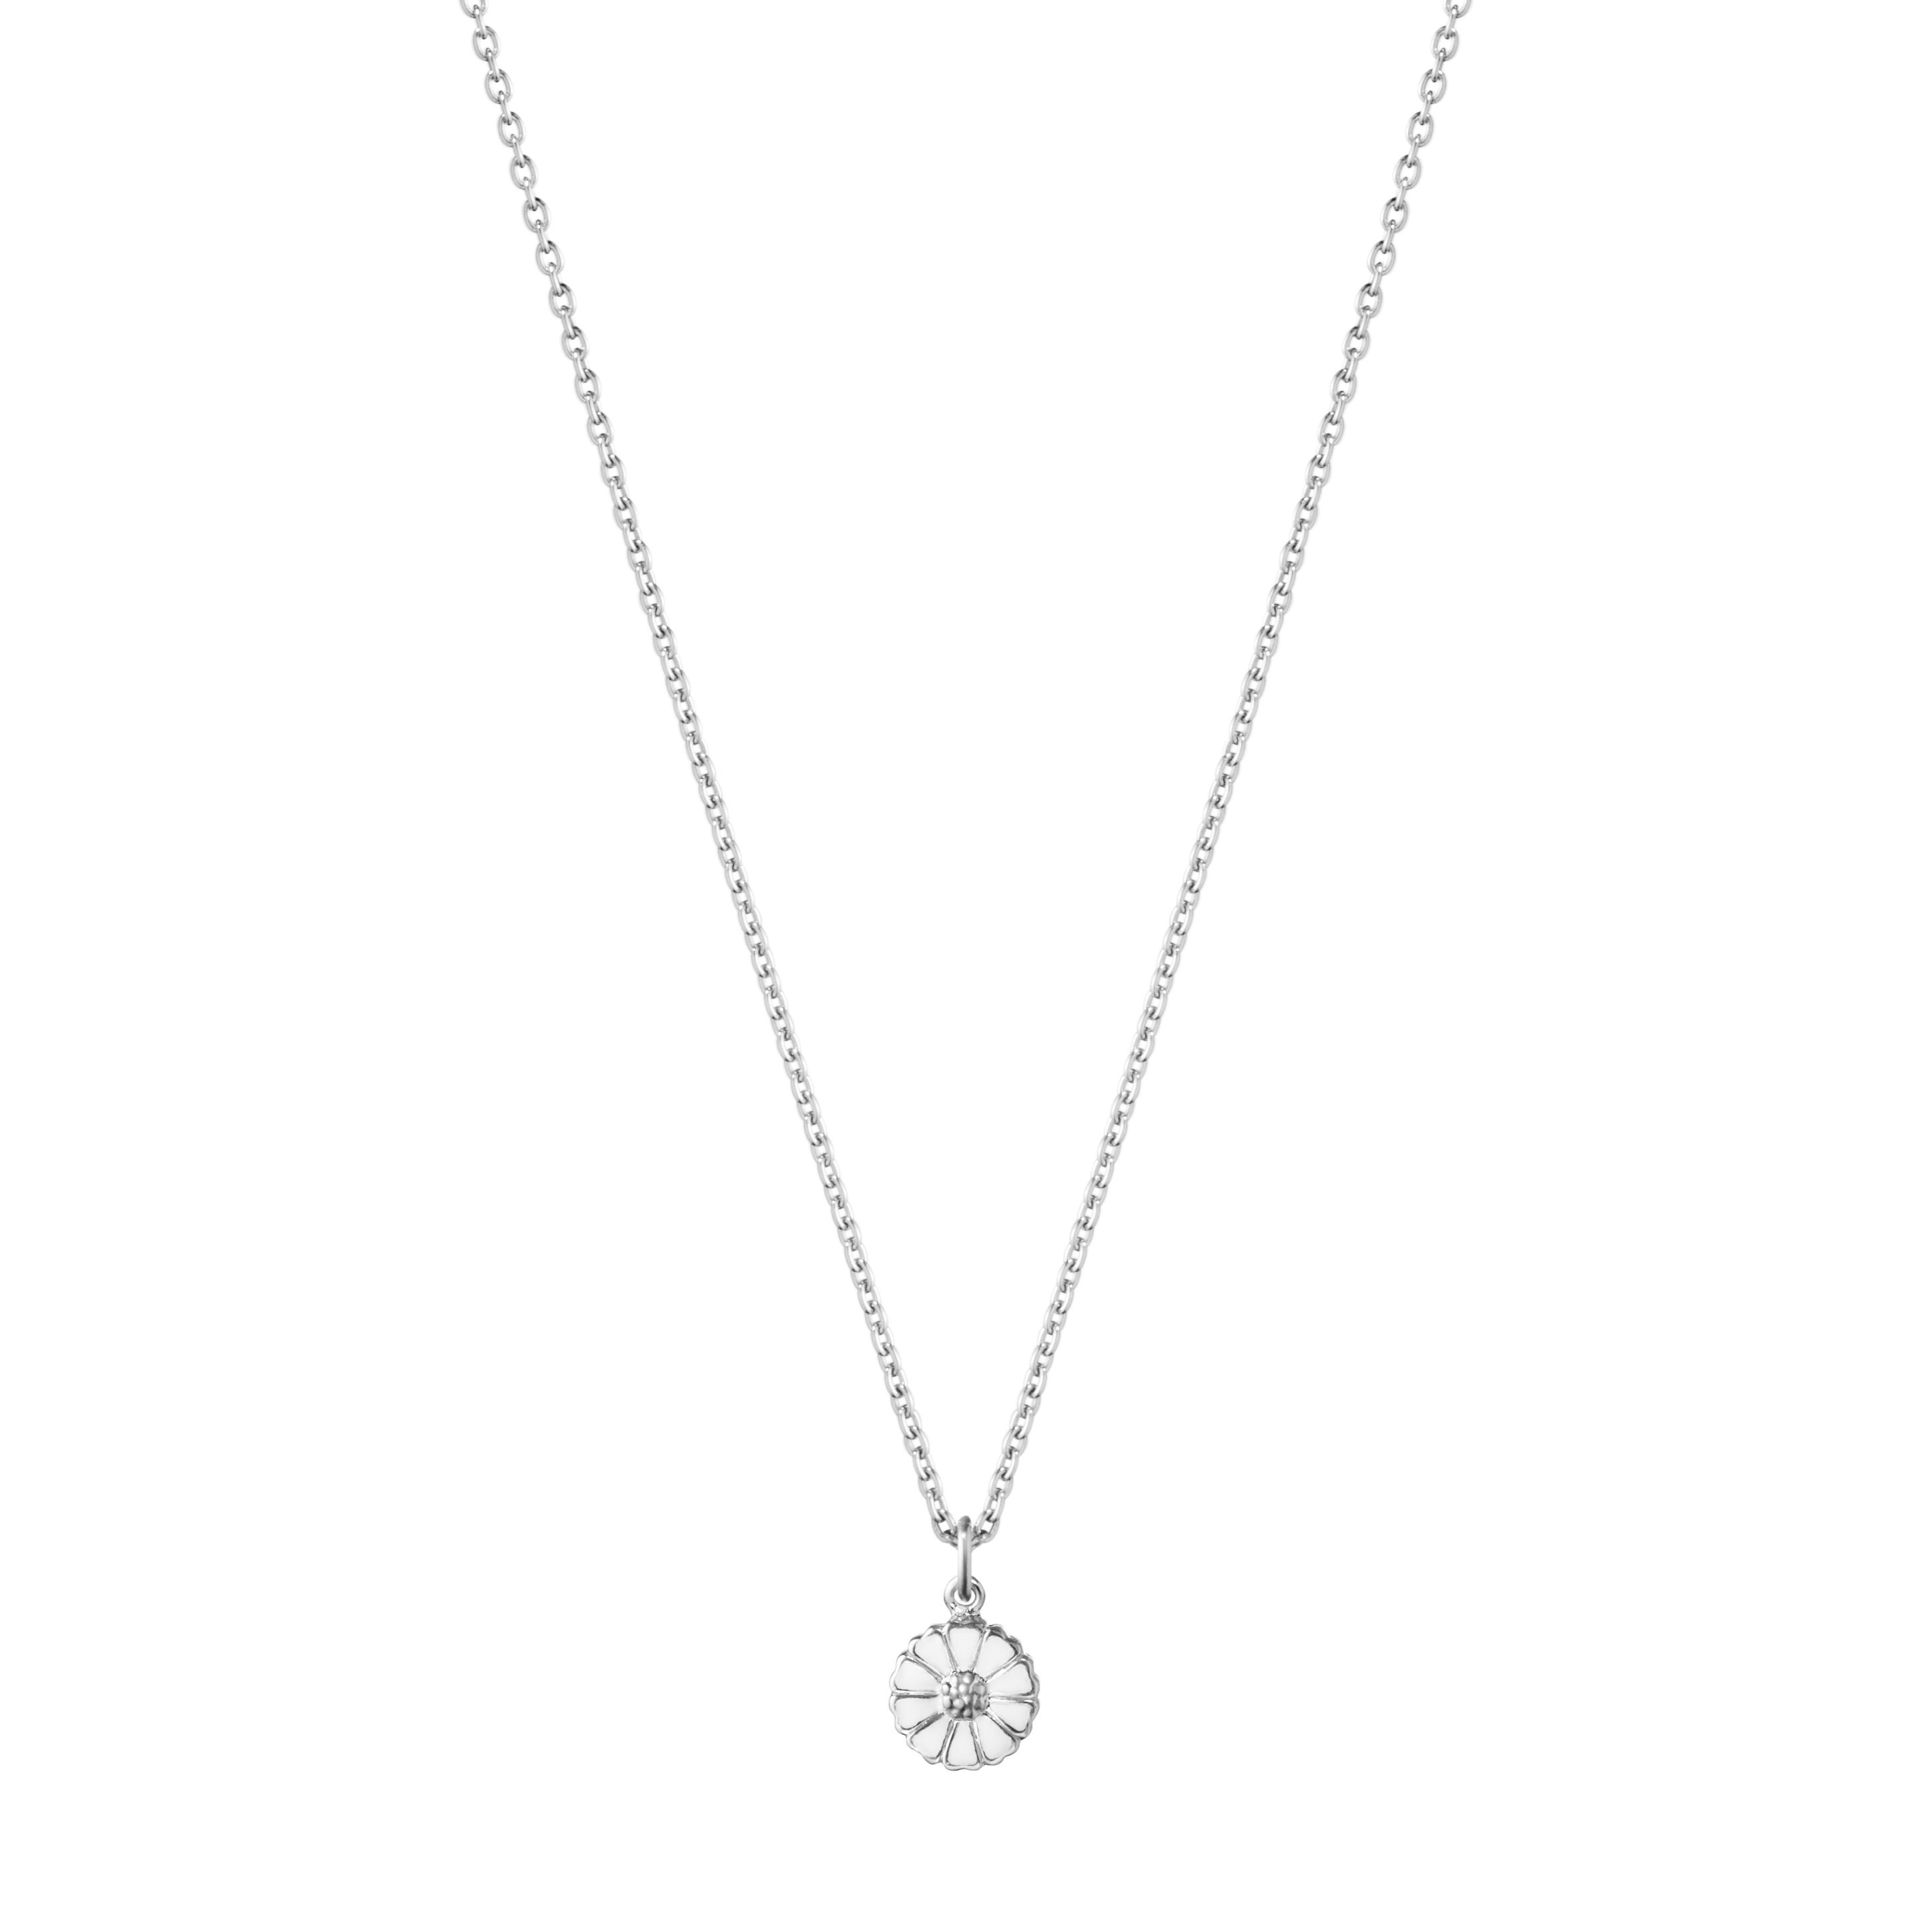 Georg jensen daisy vedhæng 7mm. 20000724 fra georg jensen - smykker på brodersen + kobborg